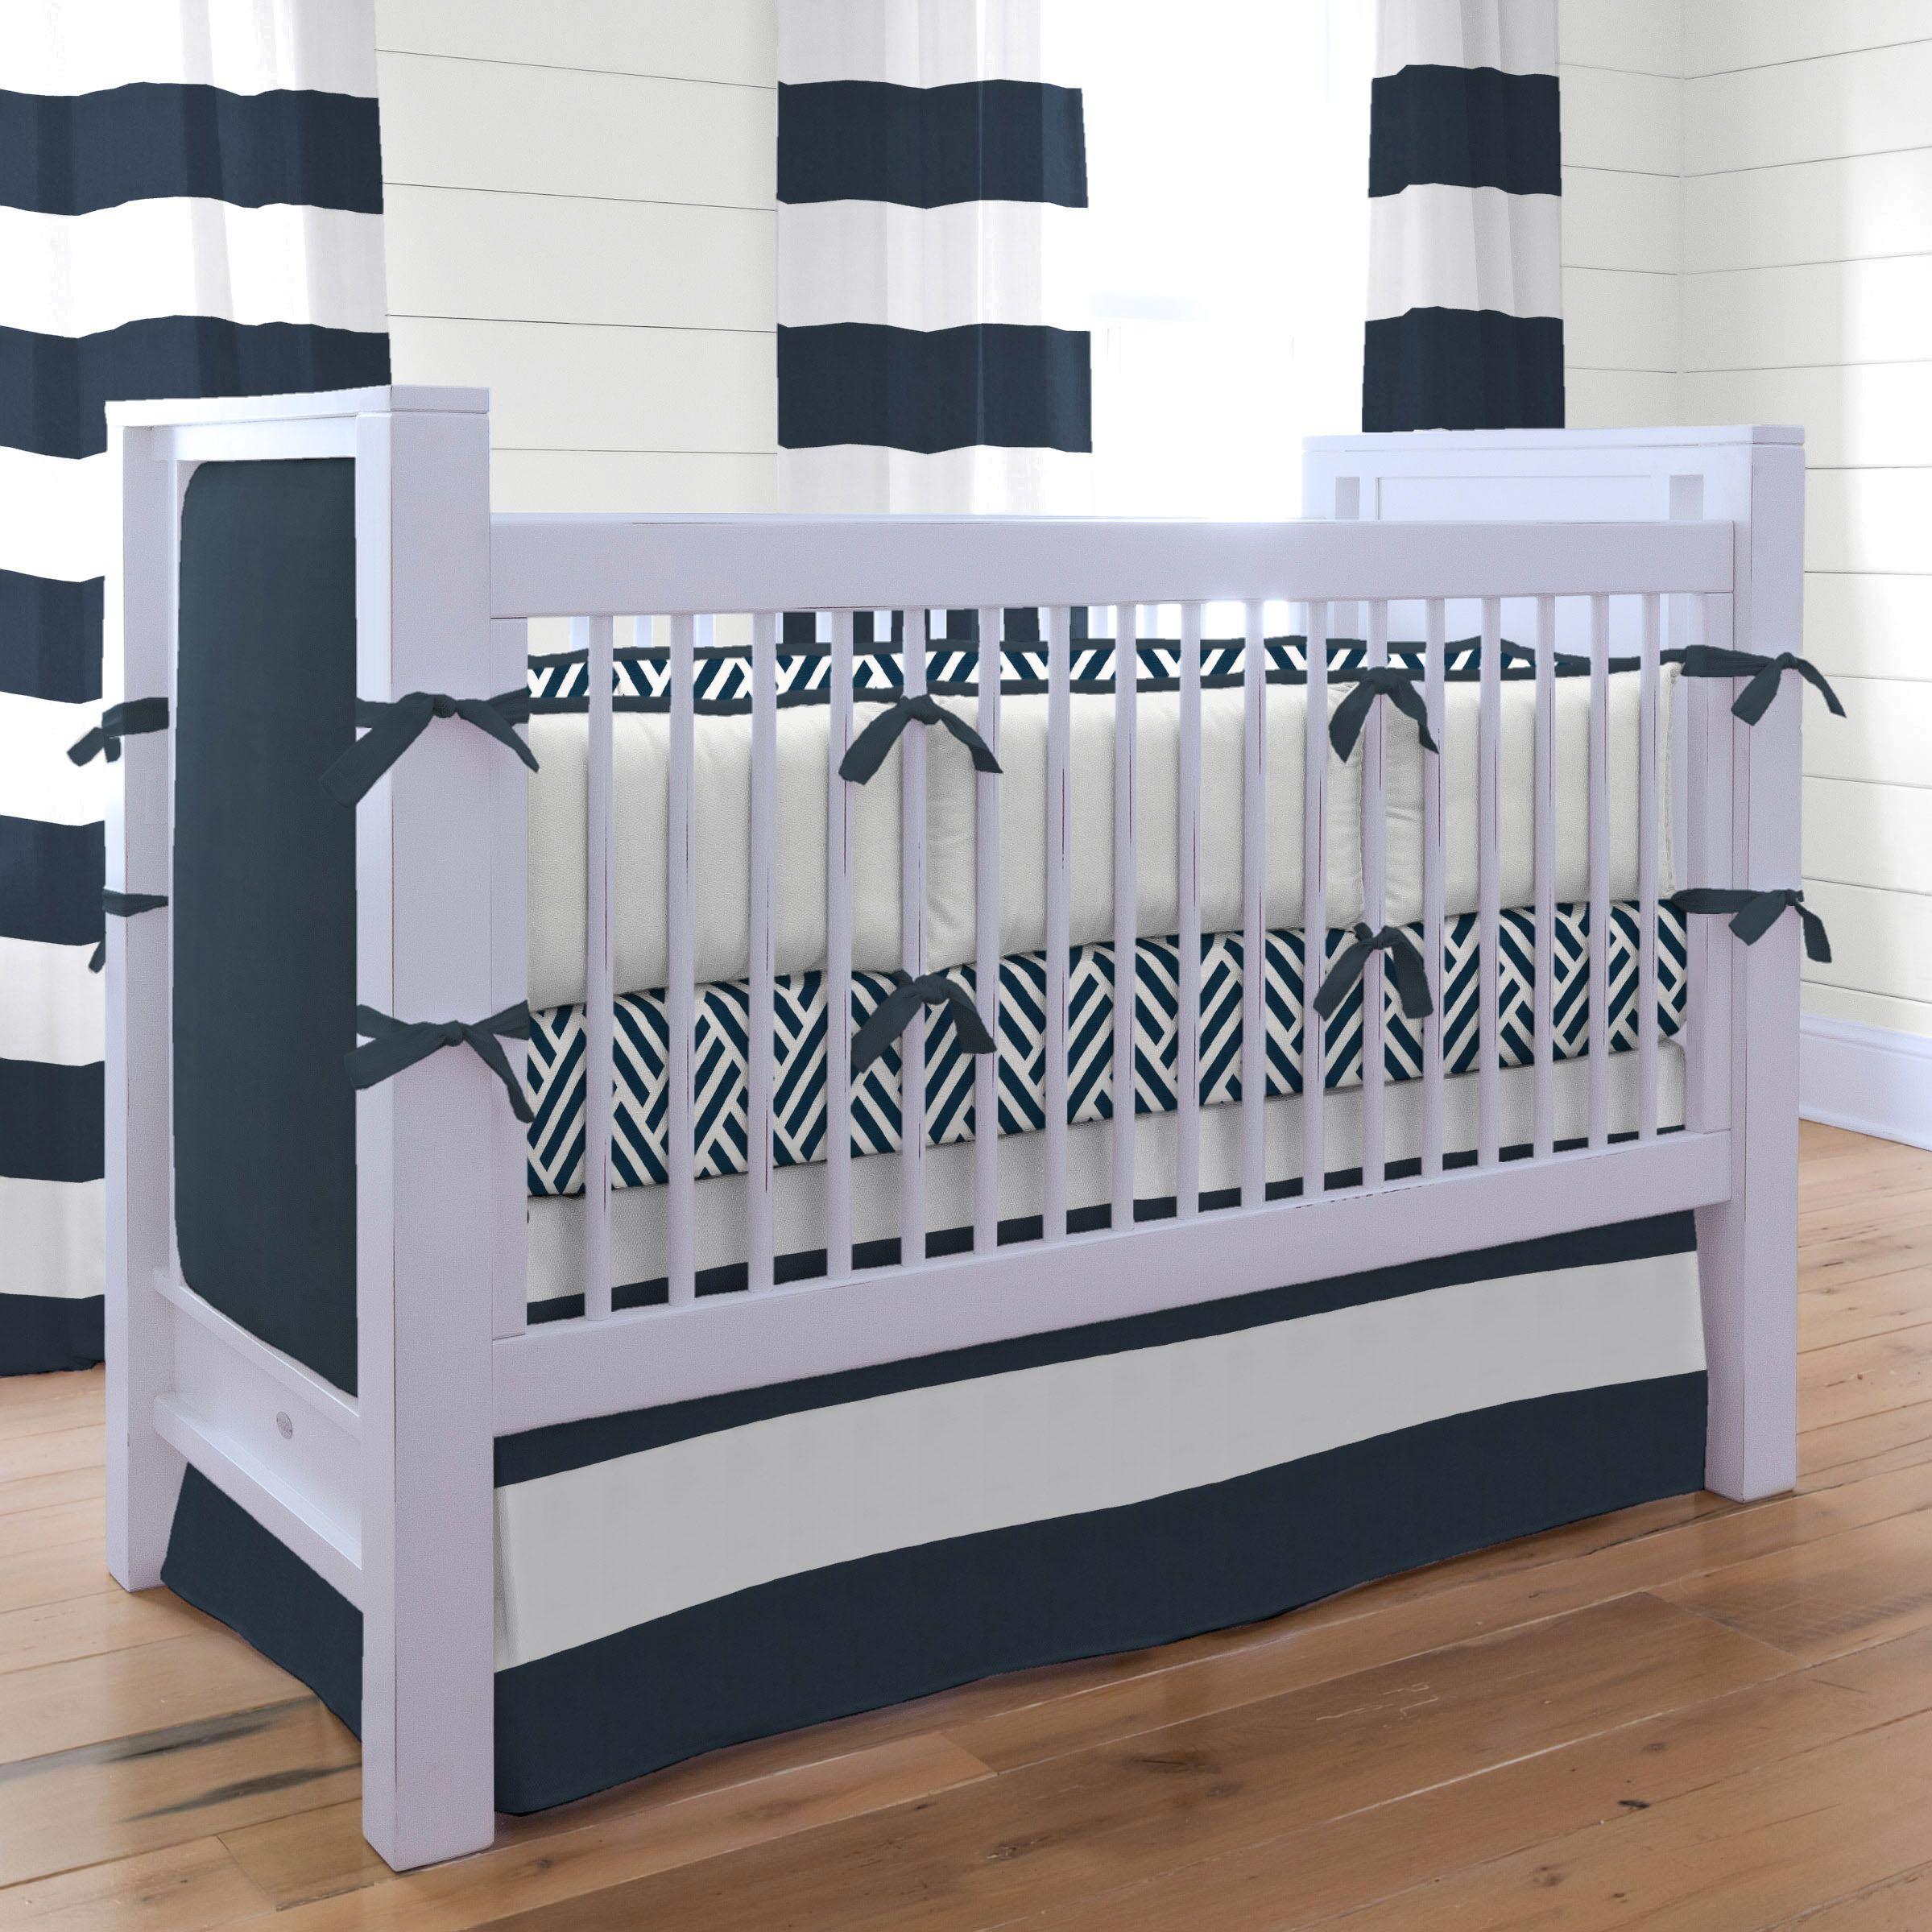 Navy and White Nautical Baby Crib Bedding